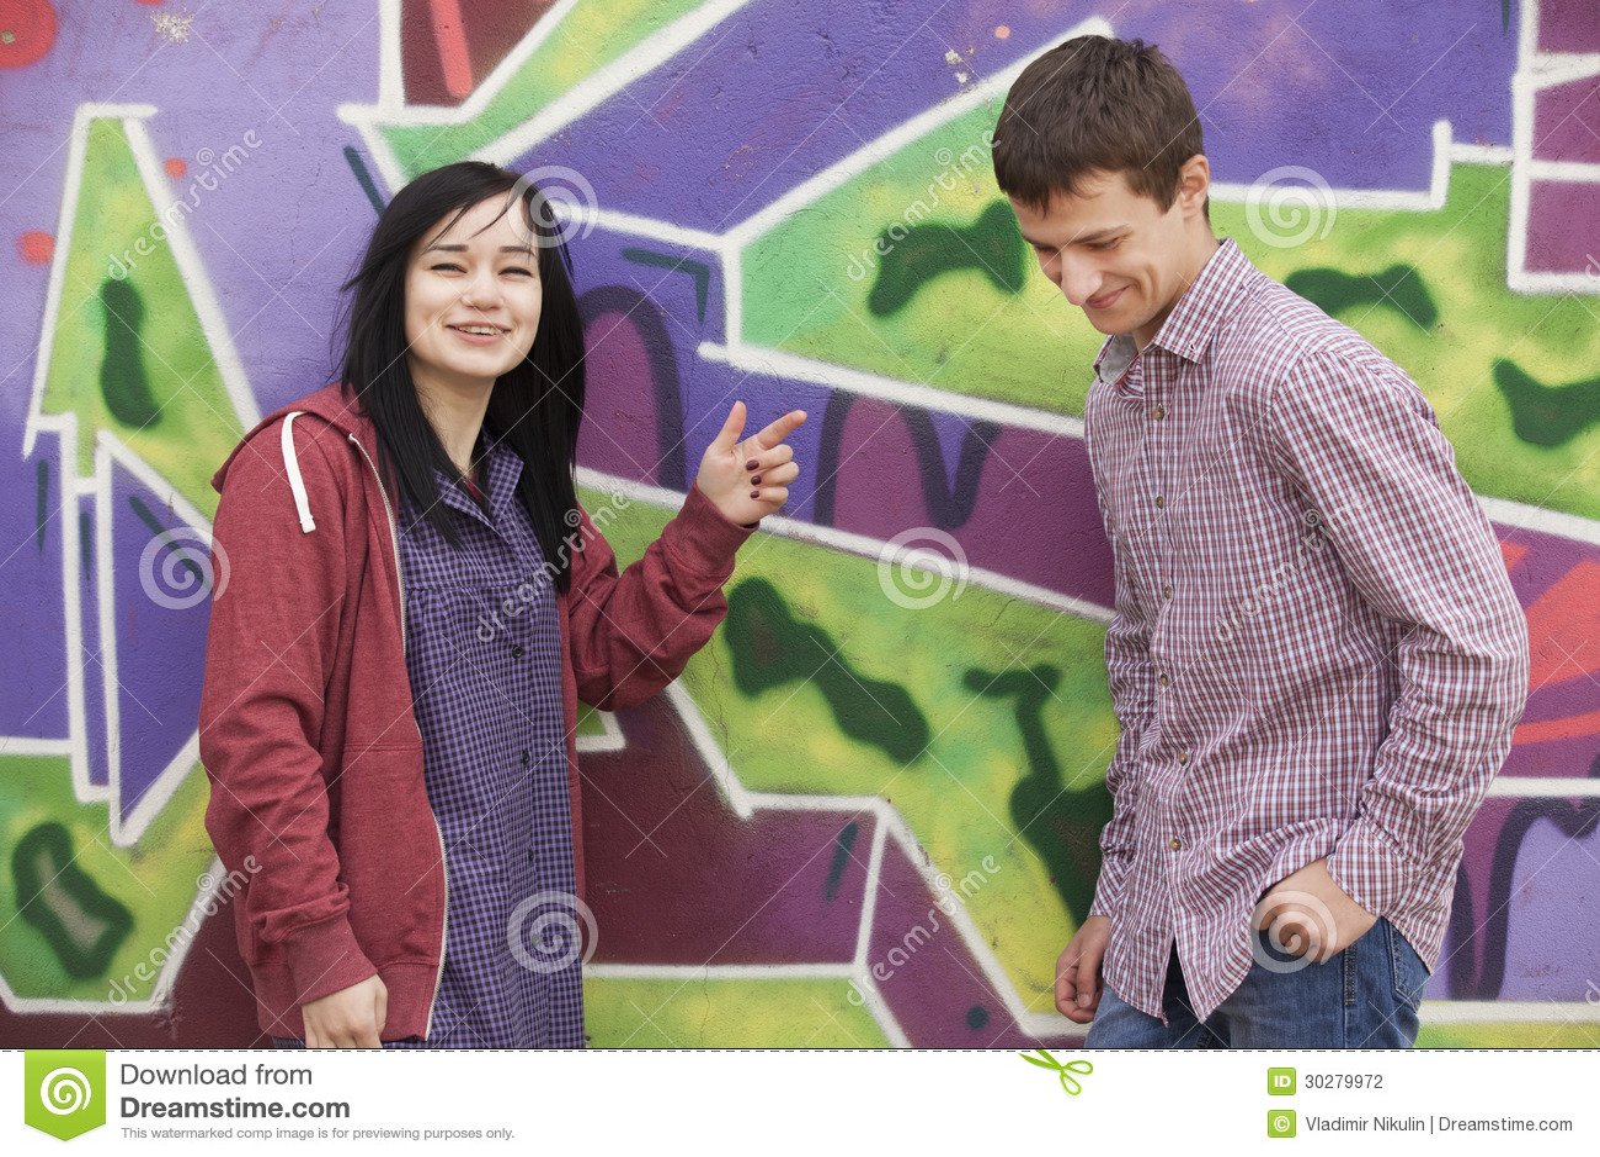 样式青少年的夫妇临近街道画背景。